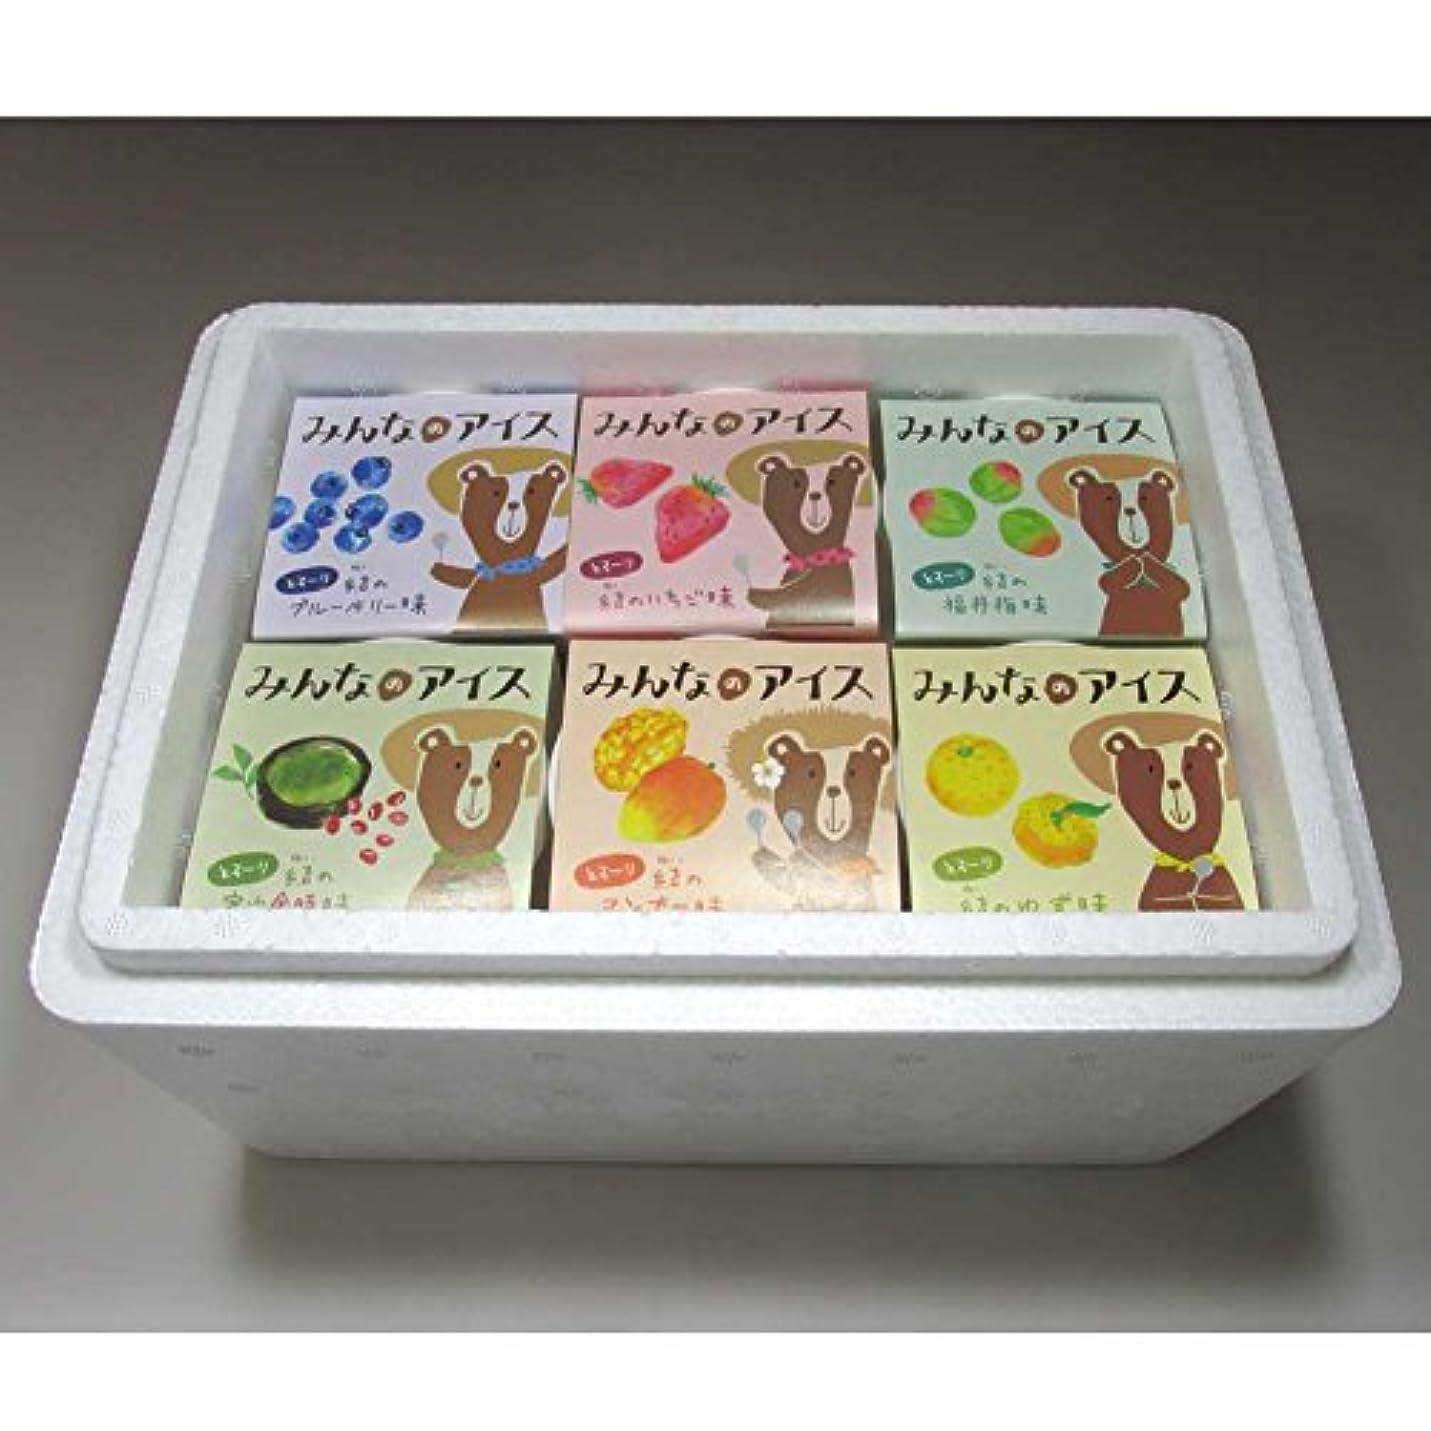 勇気夕食を作る配列SFV生産農場 建石農園「アレルギーフリー☆みんなのアイス (6個)」 -クール冷凍-